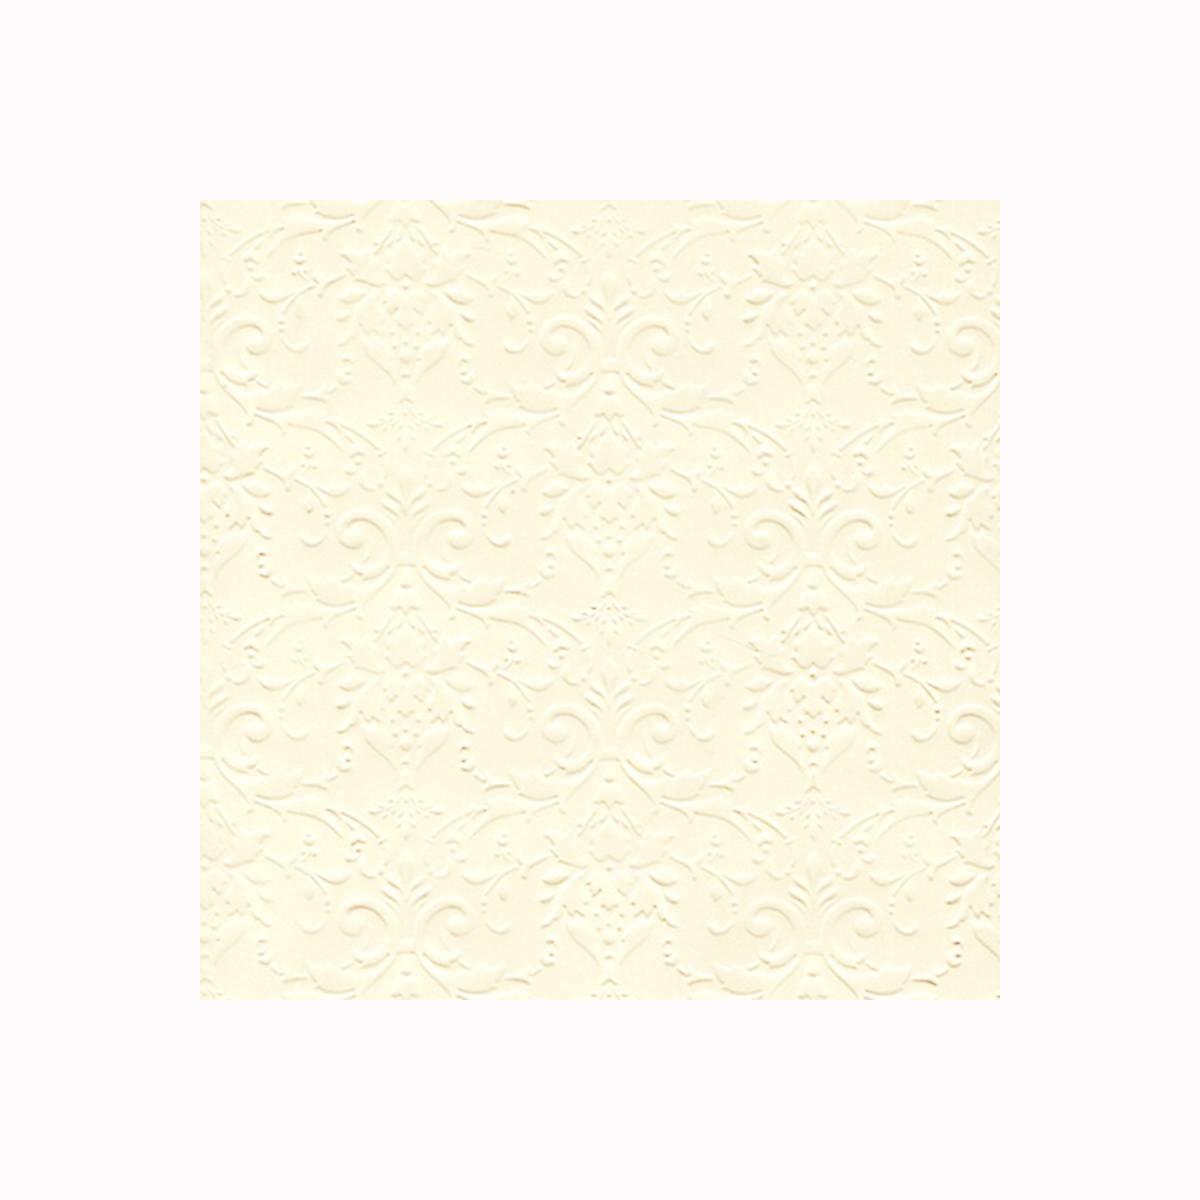 Бумага фактурная Лоза Дамасский узор, цвет: кремовый, 3 листа582975_БР003-6 кремовыйФактурная бумага для скрапбукинга Лоза Дамасский узор позволит создать красивый альбом, фоторамку или открытку ручной работы, оформить подарок или аппликацию. Набор включает в себя 3 листа из плотной бумаги. Скрапбукинг - это хобби, которое способно приносить массу приятных эмоций не только человеку, который этим занимается, но и его близким, друзьям, родным. Это невероятно увлекательное занятие, которое поможет вам сохранить наиболее памятные и яркие моменты вашей жизни, а также интересно оформить интерьер дома.Плотность бумаги: 200 г/м2.